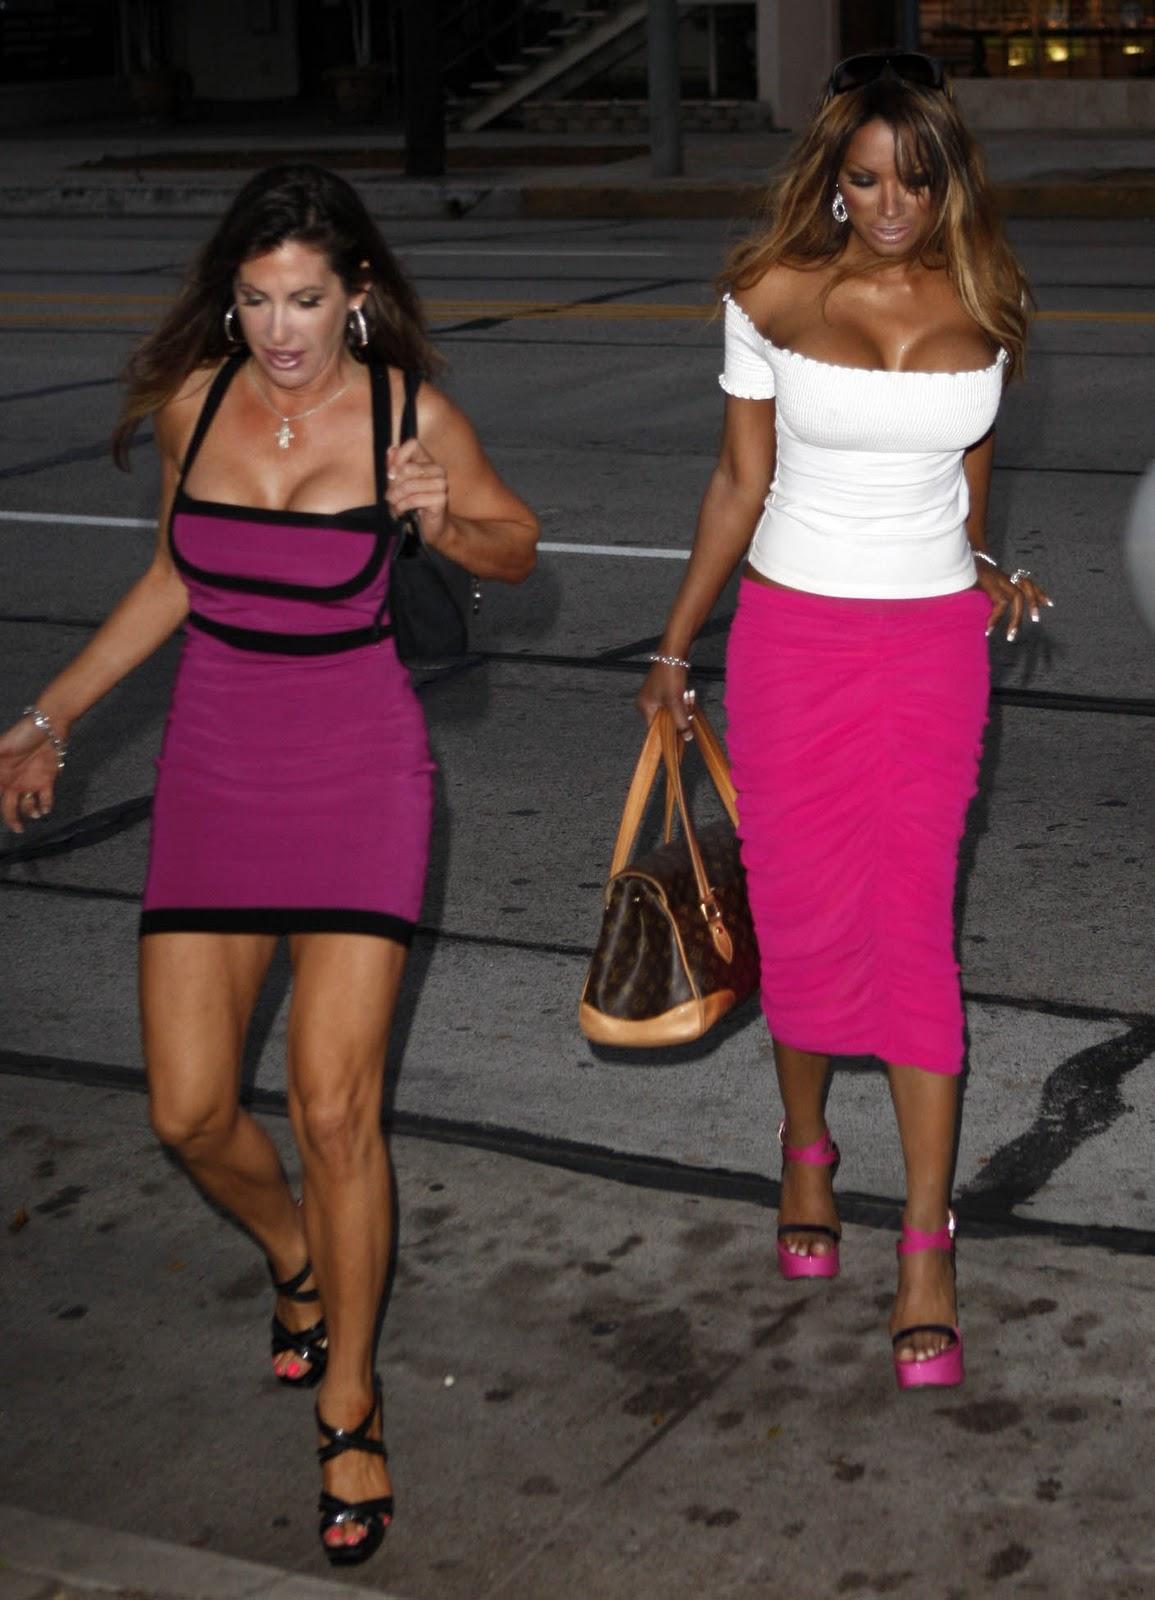 http://2.bp.blogspot.com/-Ify0pEeQ5-U/TVTtzfUrqVI/AAAAAAAABKY/uivcHDl4tbU/s1600/Traci-Bingham-And-Her-Classy-Tits-.jpg